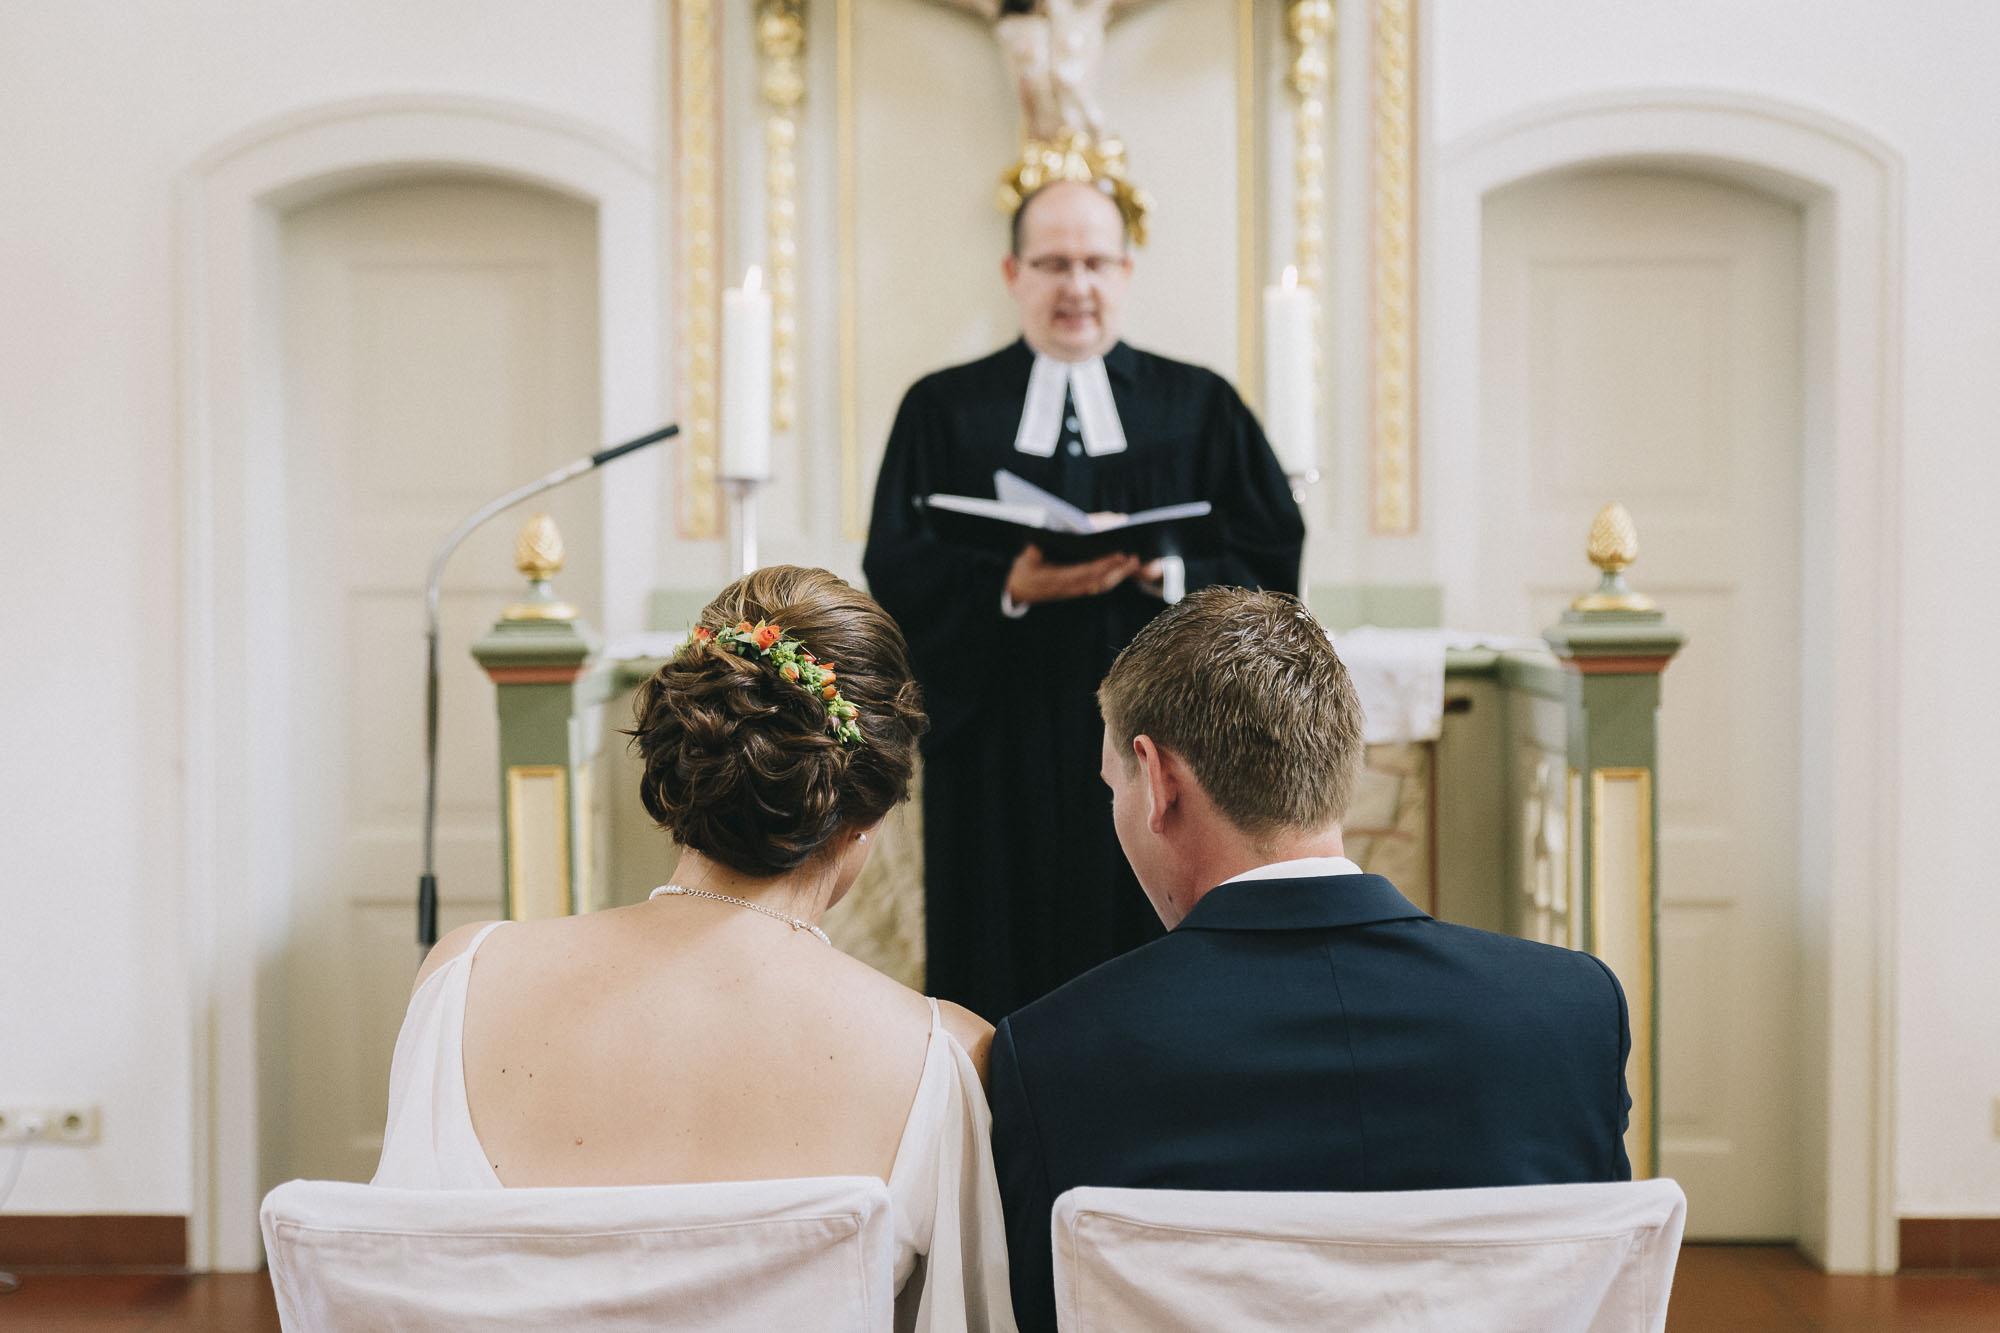 Hochzeitsreportage-Crailsheim-Krystina-Stefan-40